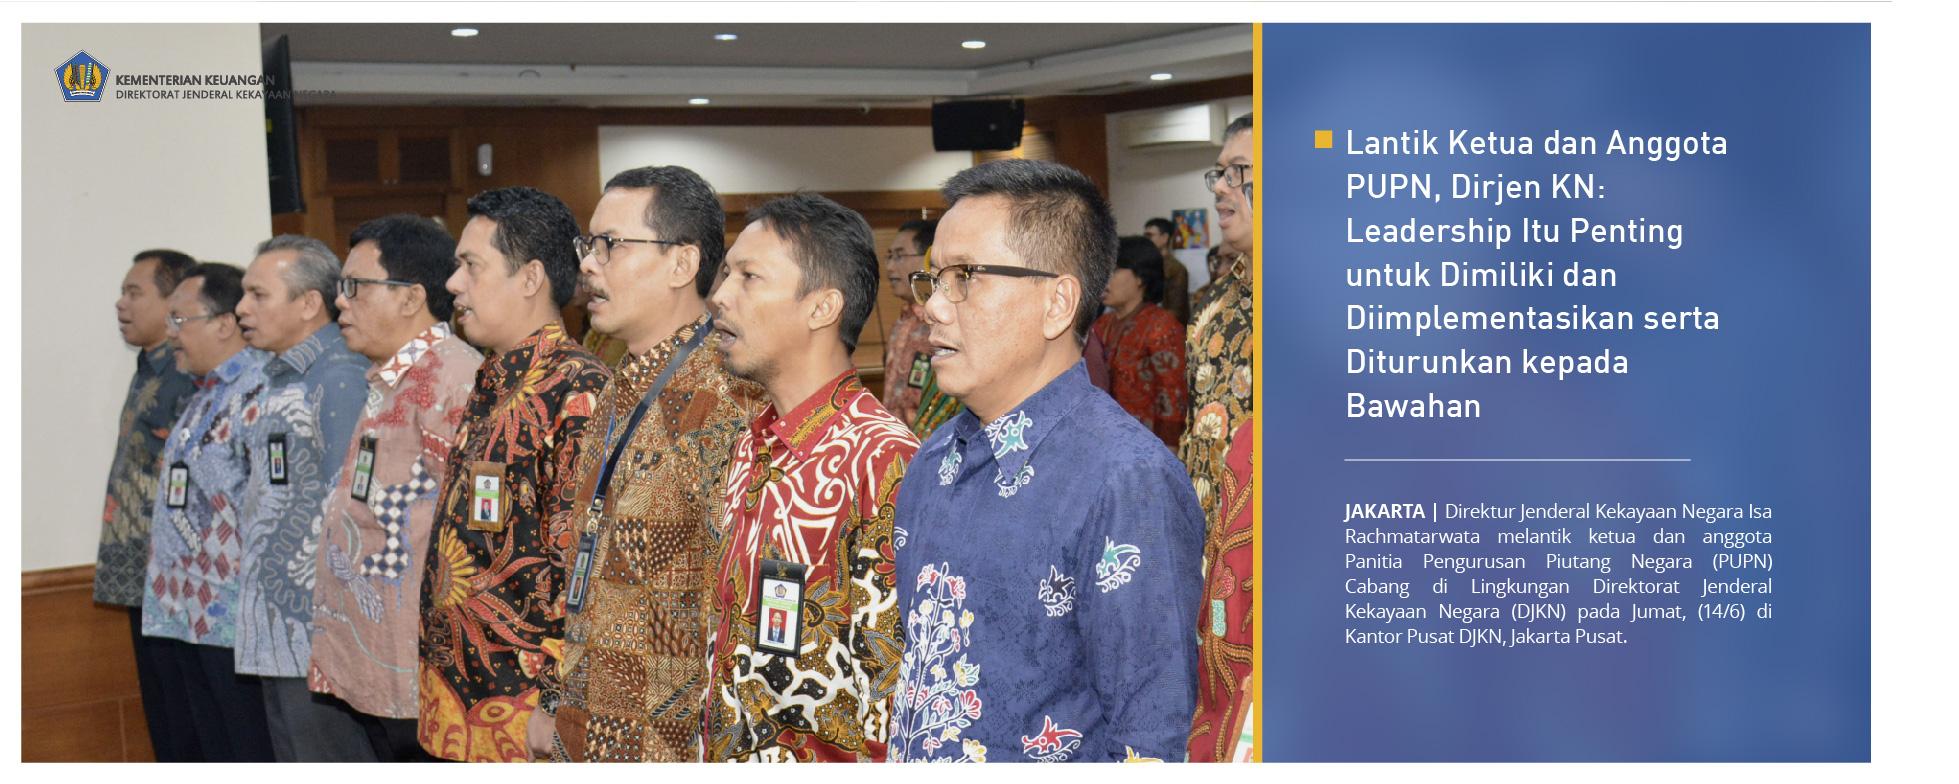 Lantik Ketua dan Anggota PUPN, Dirjen KN: Leadership Itu Penting untuk Dimiliki dan Diimplementasikan serta Diturunkan kepada Bawahan